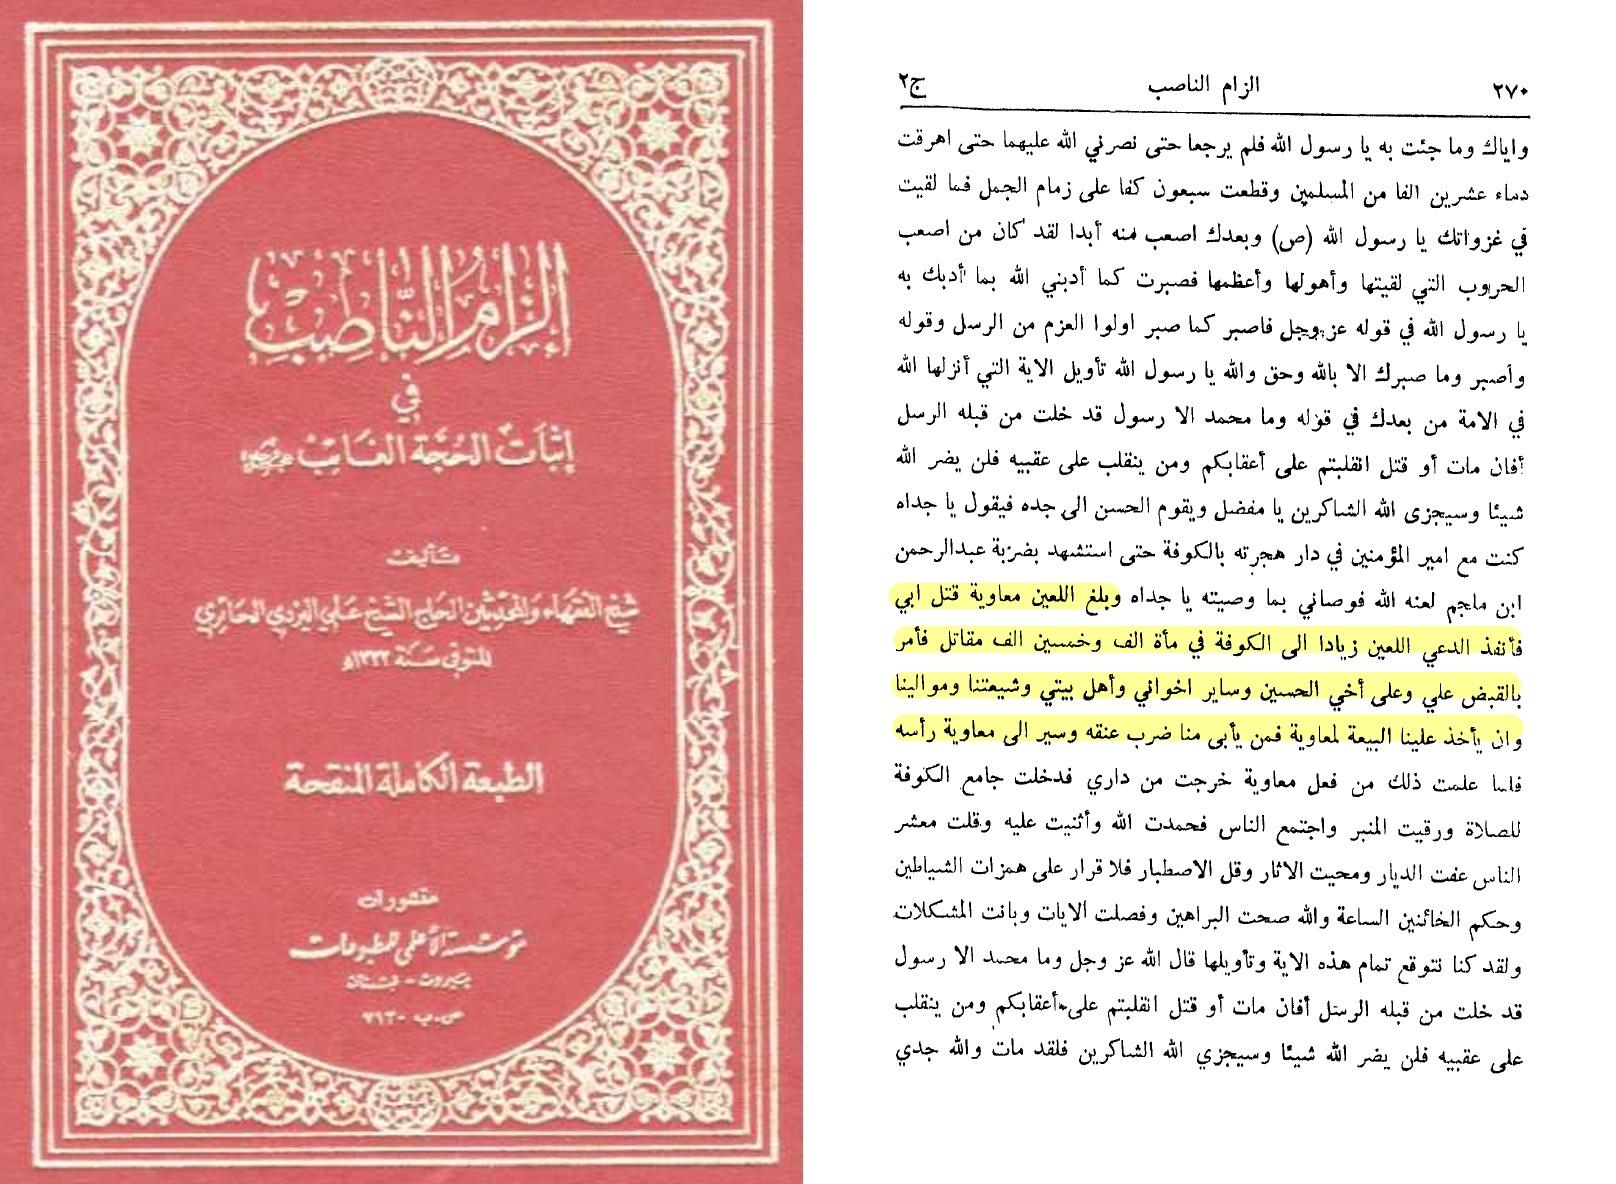 elzam-e-naseb-band-2-seite-270